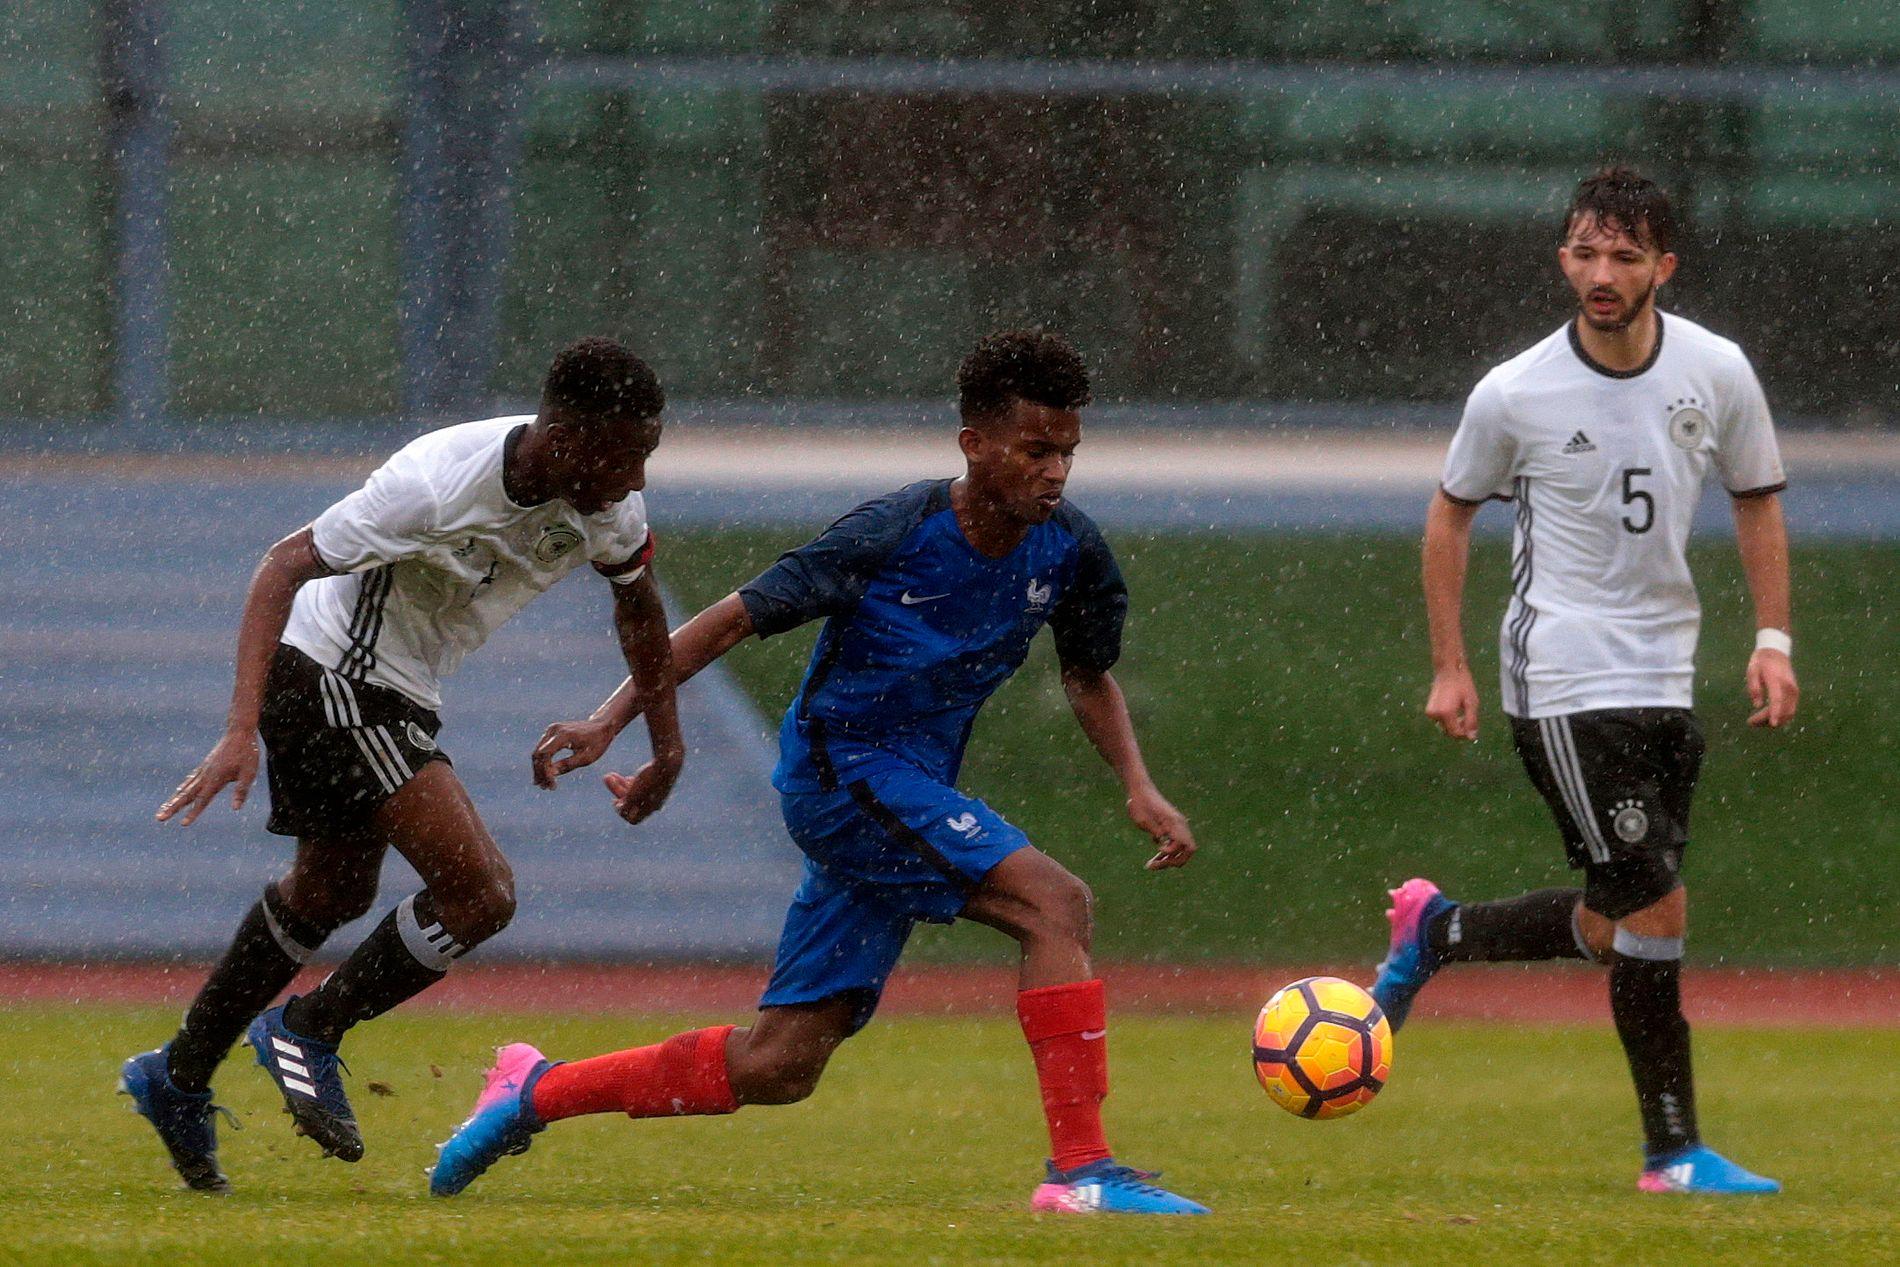 STORTALENT: Yann Gboho (i midten) i aksjon for Frankrikes U16-landslag i februar 2017. I dag spiller han for den franske toppklubben Rennes.